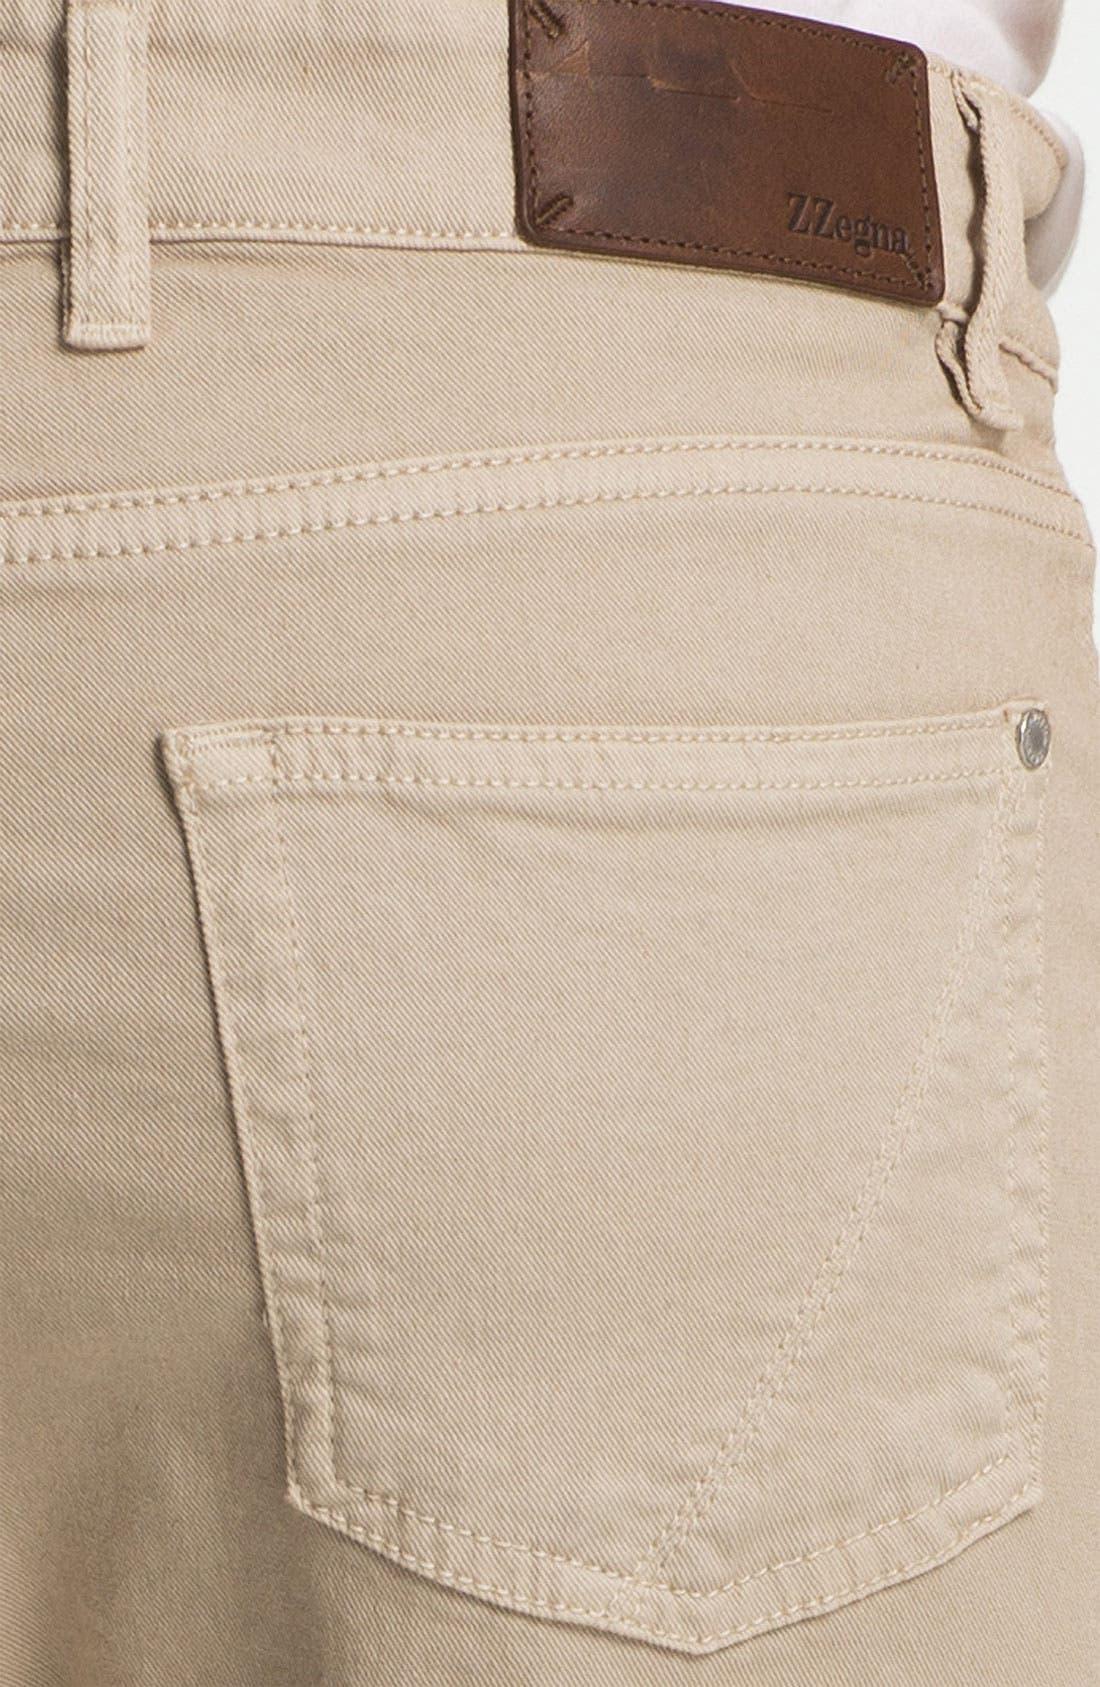 Alternate Image 3  - Z Zegna Straight Leg Jeans (Light Beige)